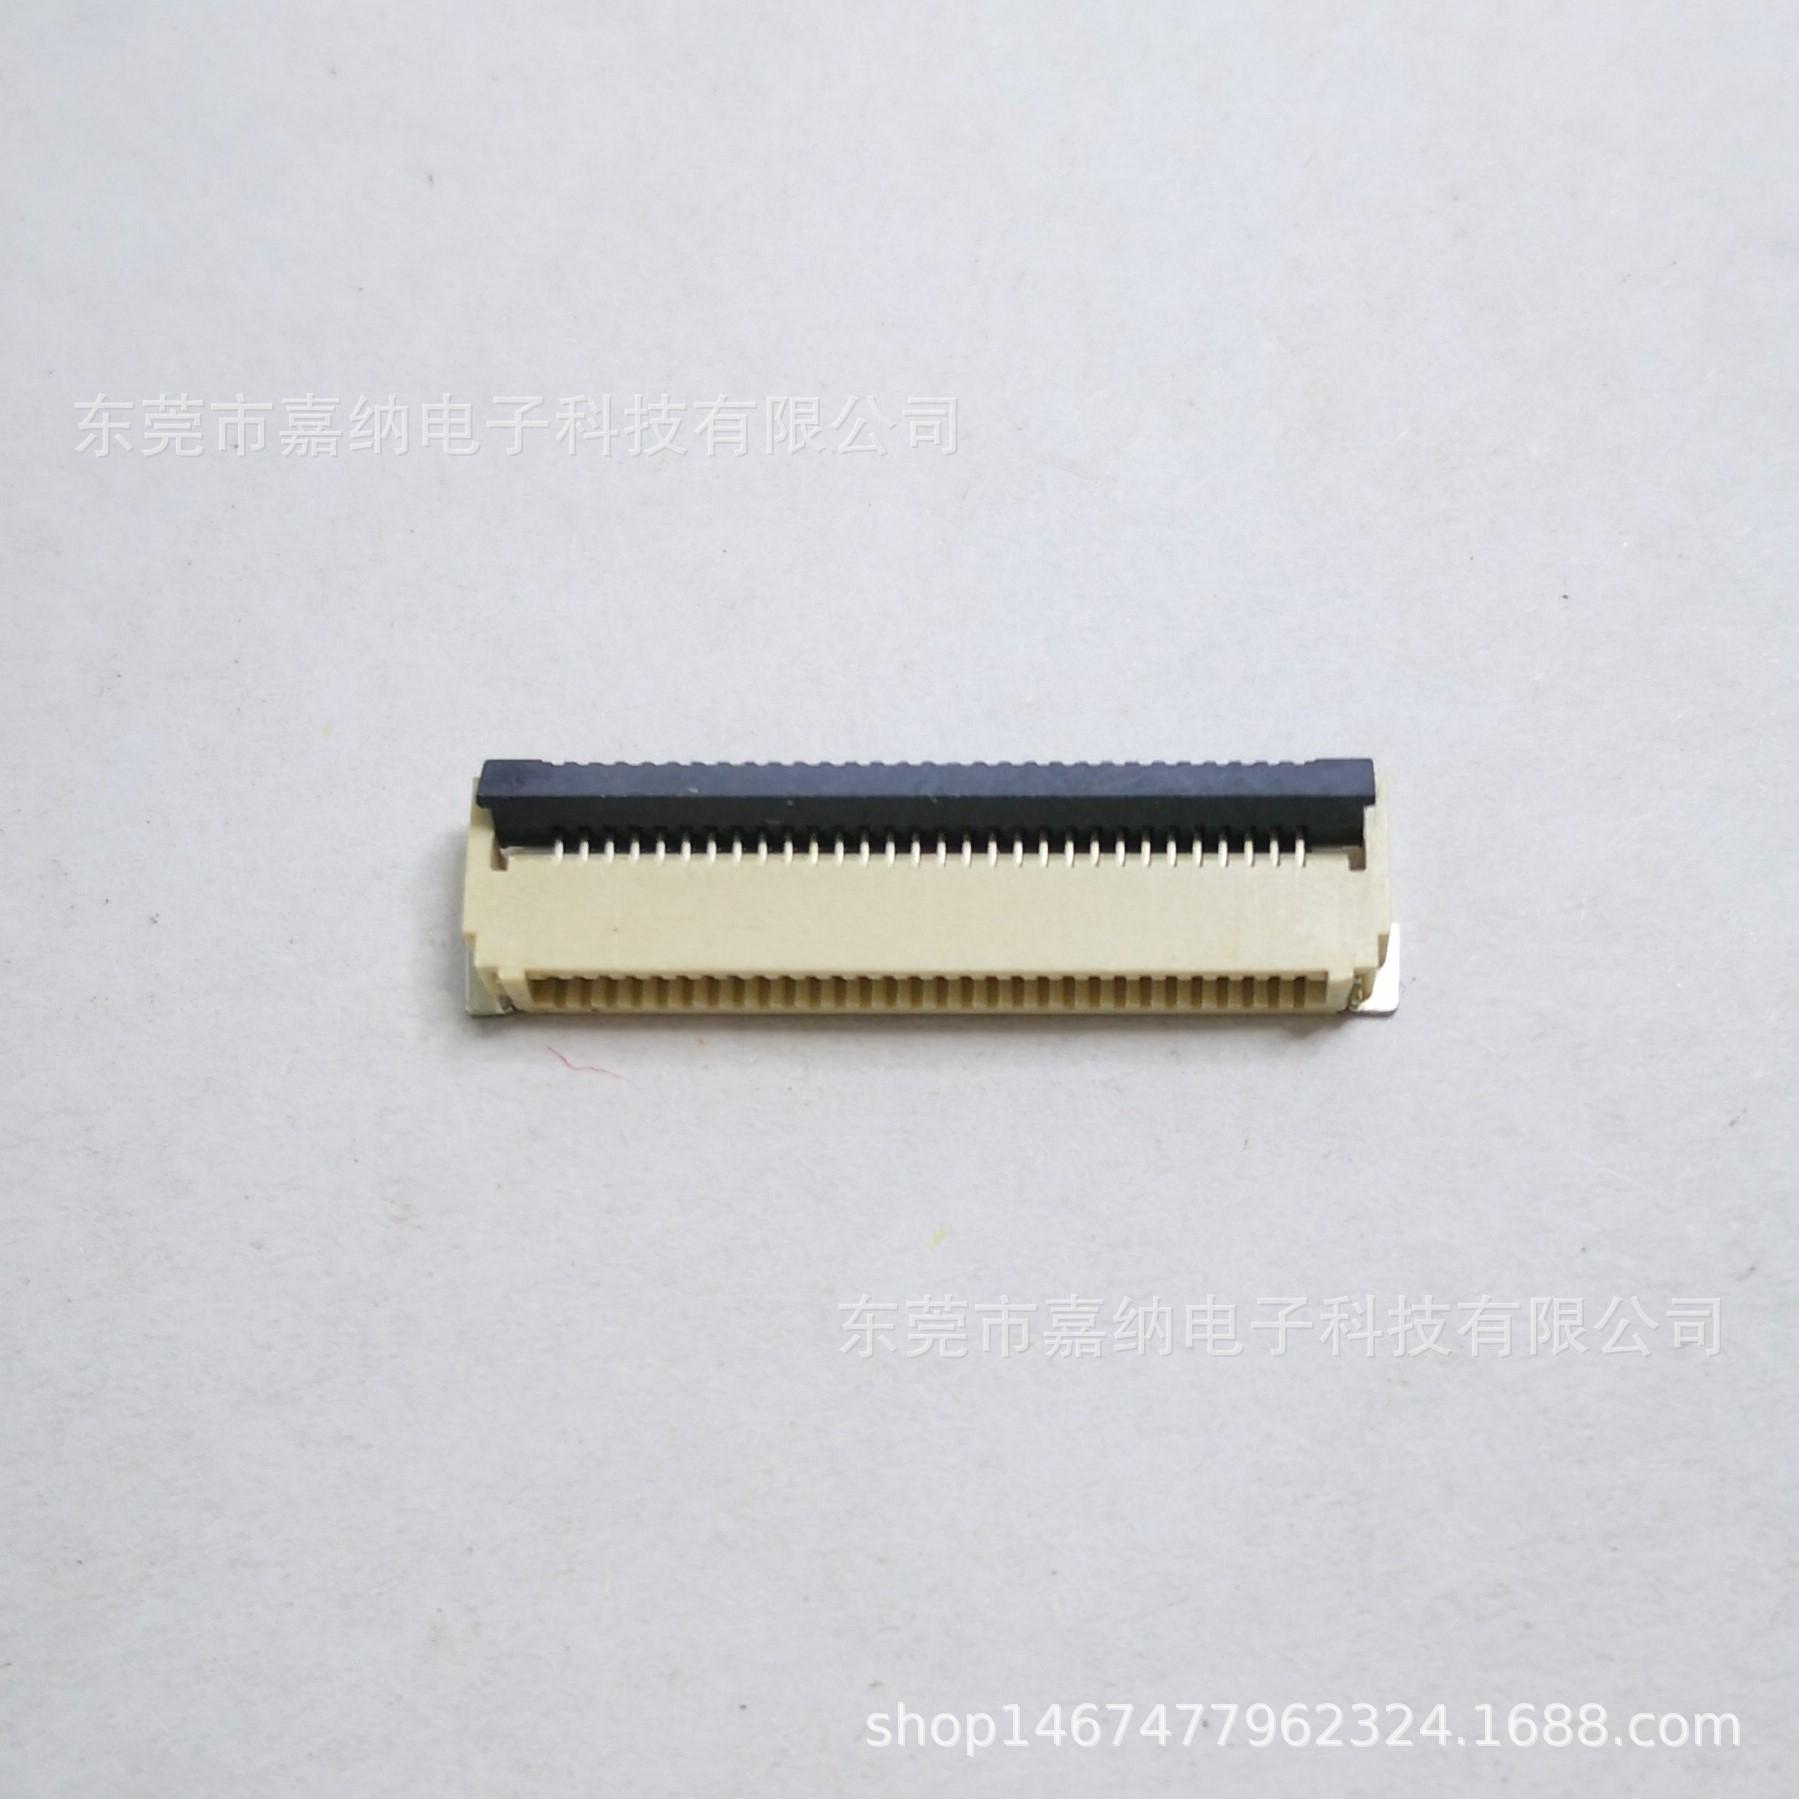 热销间距0.5 FPC/FFC连接器 26P 30P 40P 5